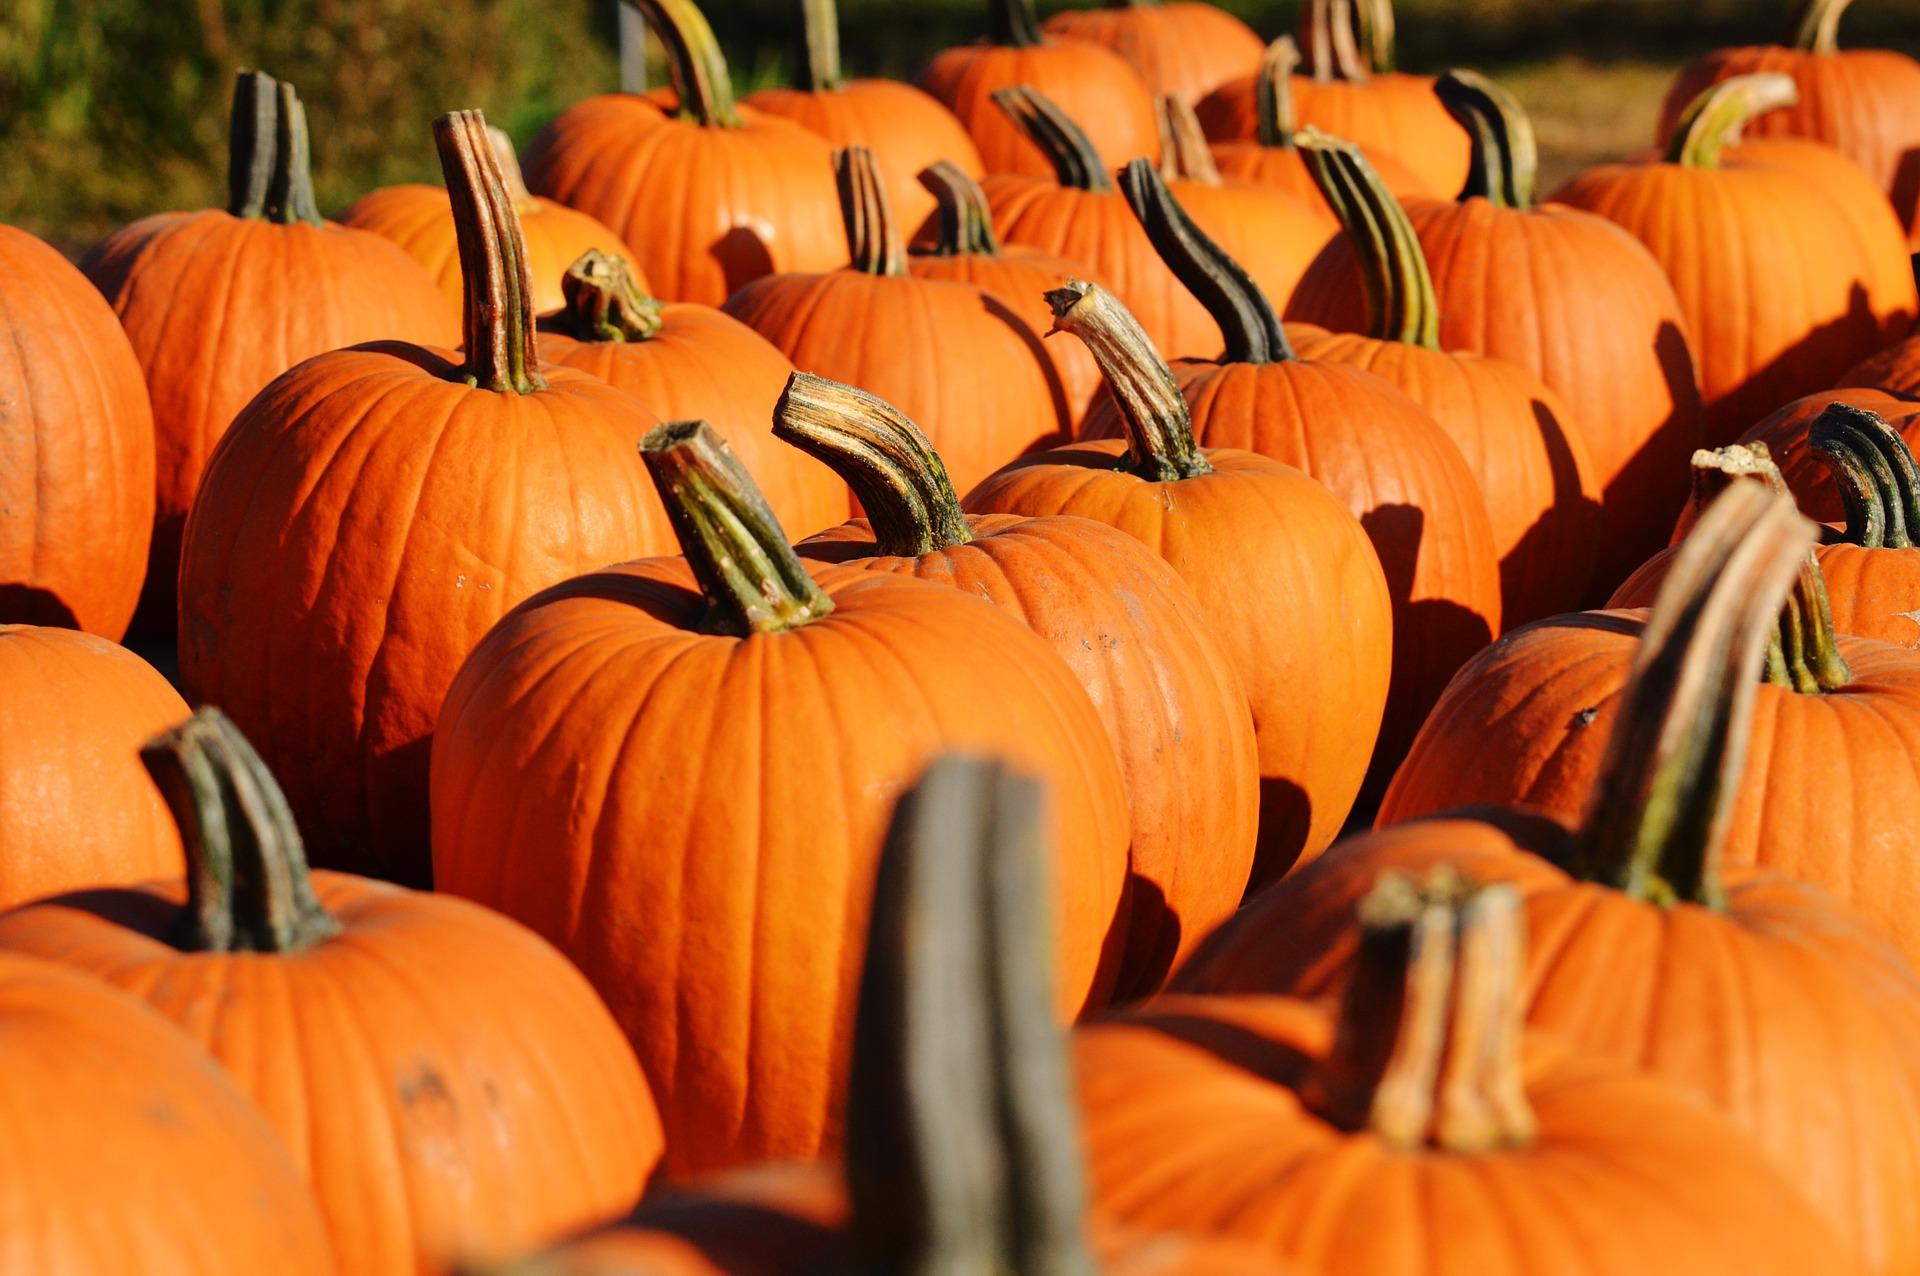 pumpkin-970235_1920